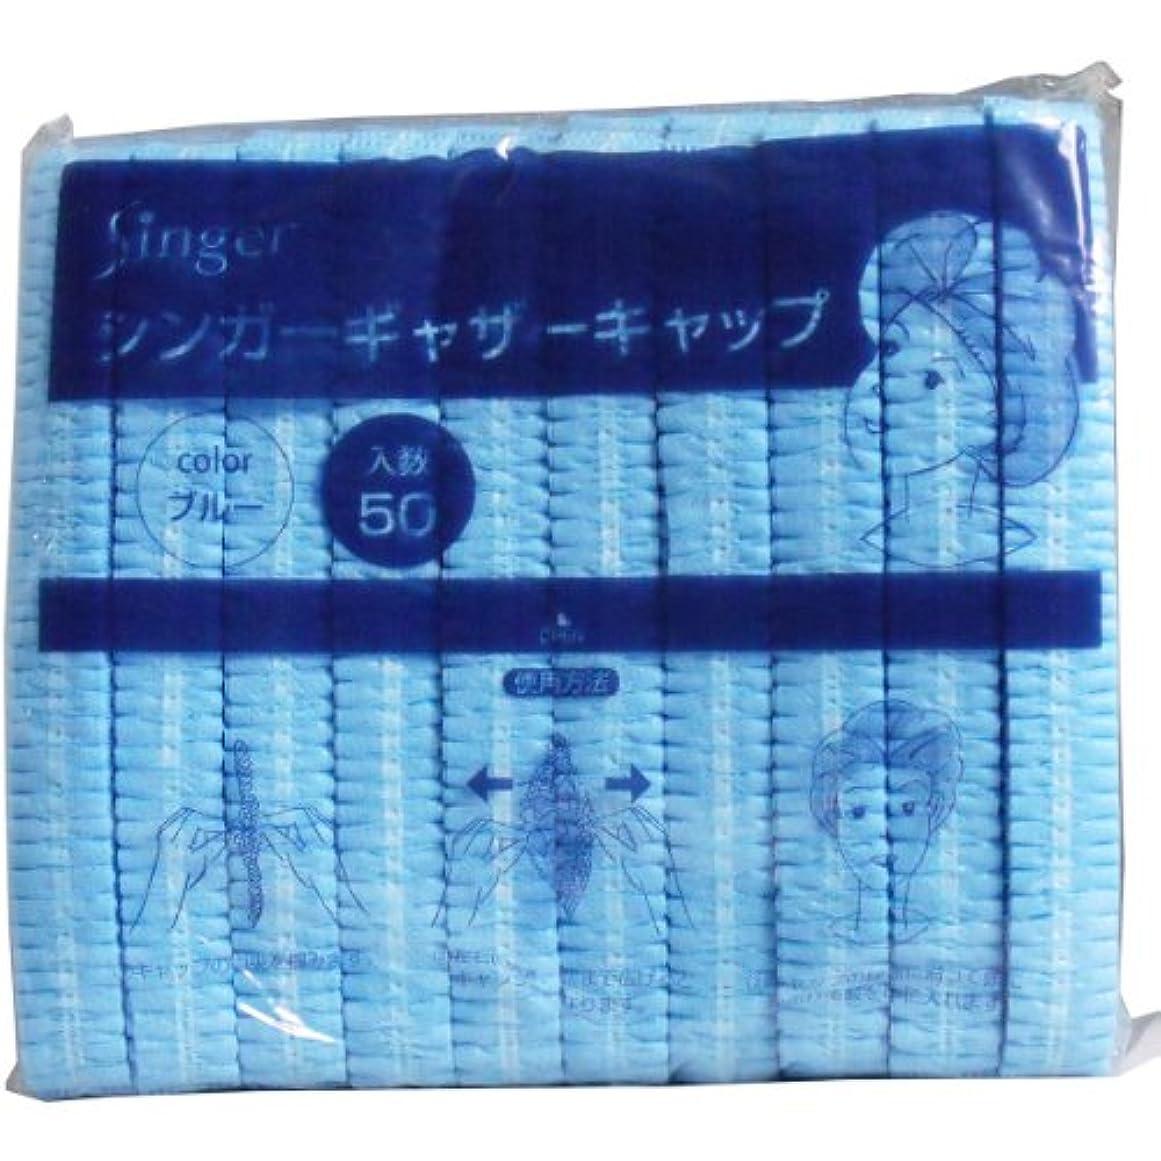 精度円周世界に死んだシンガー ギャザーキャップ 袋入 ブルー フリーサイズ 50袋入